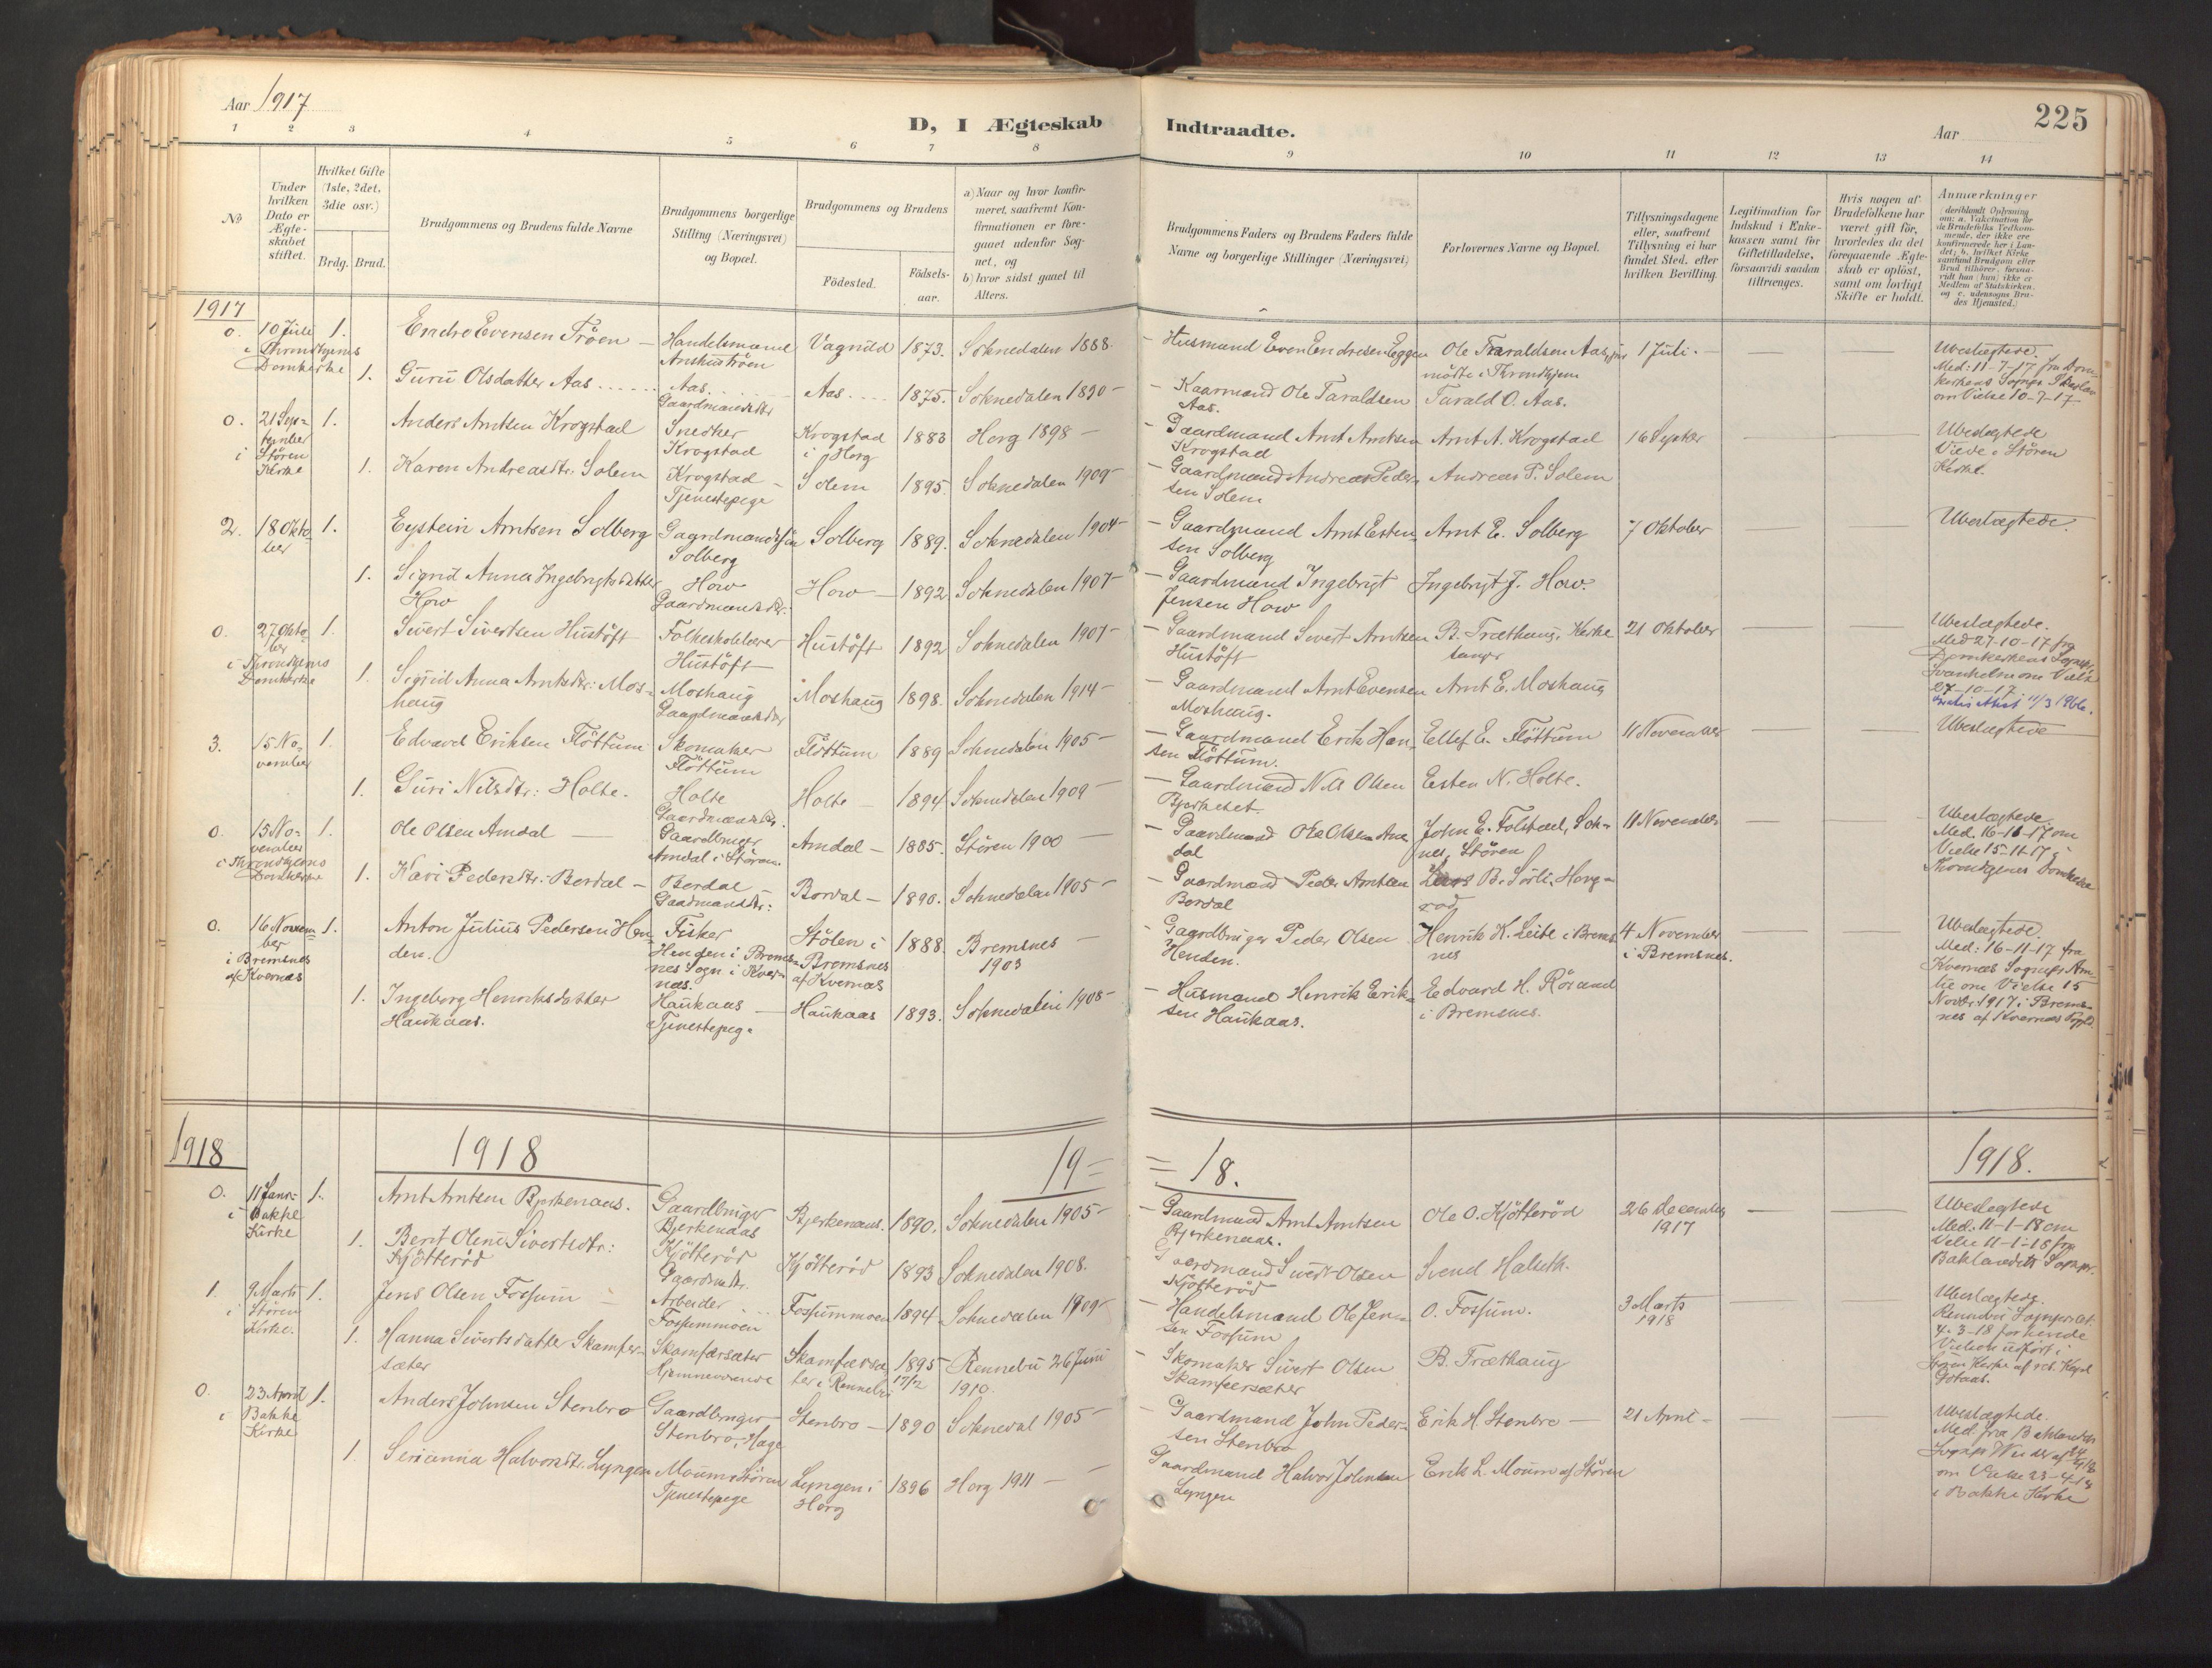 SAT, Ministerialprotokoller, klokkerbøker og fødselsregistre - Sør-Trøndelag, 689/L1041: Ministerialbok nr. 689A06, 1891-1923, s. 225